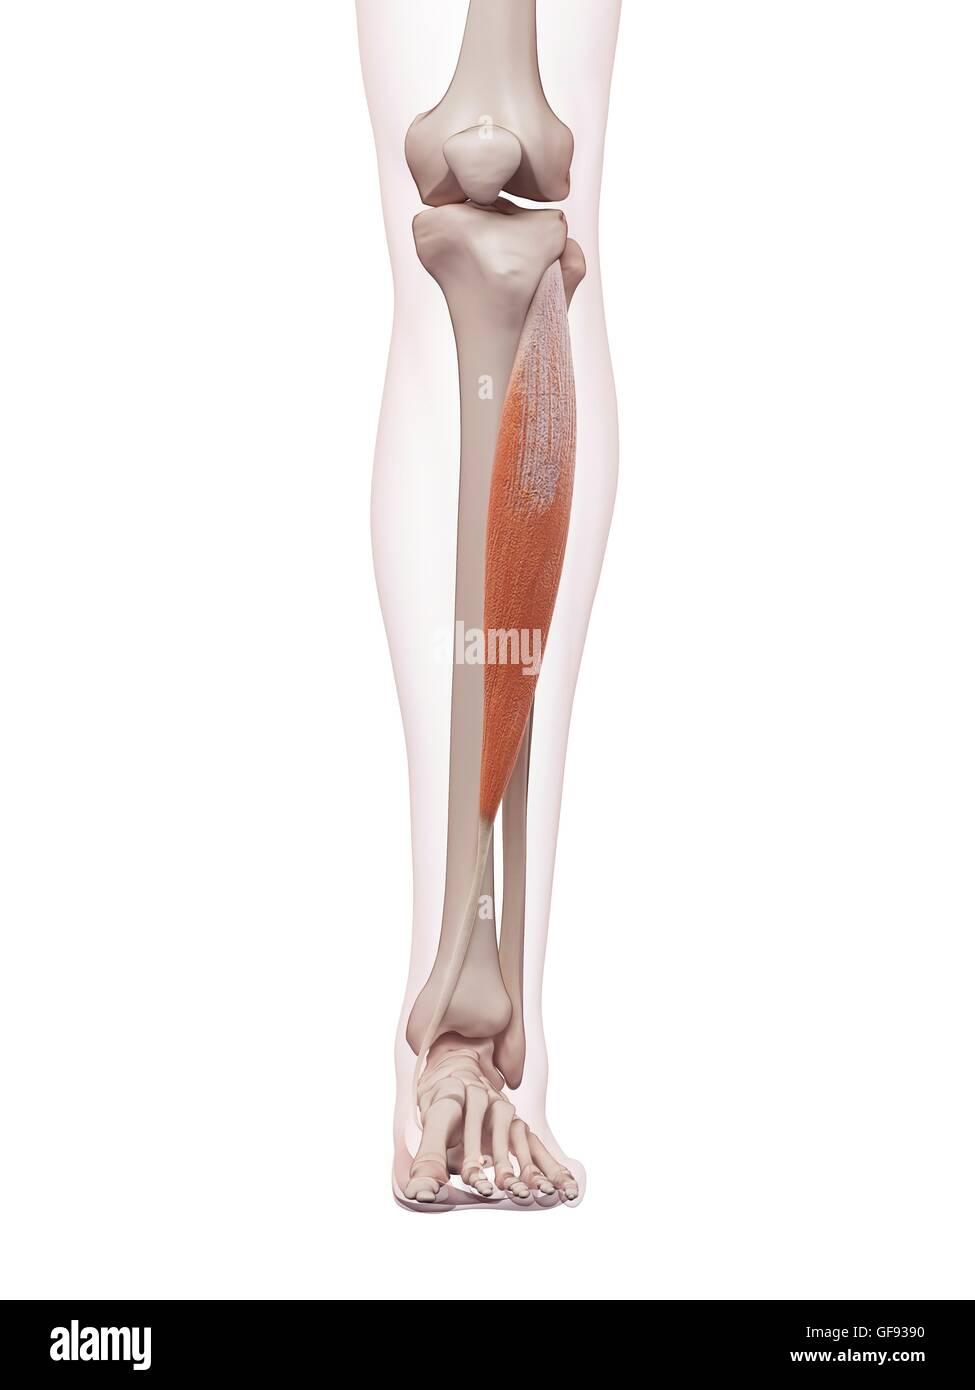 Niedlich Shin Muskelanatomie Bilder - Anatomie Ideen - finotti.info